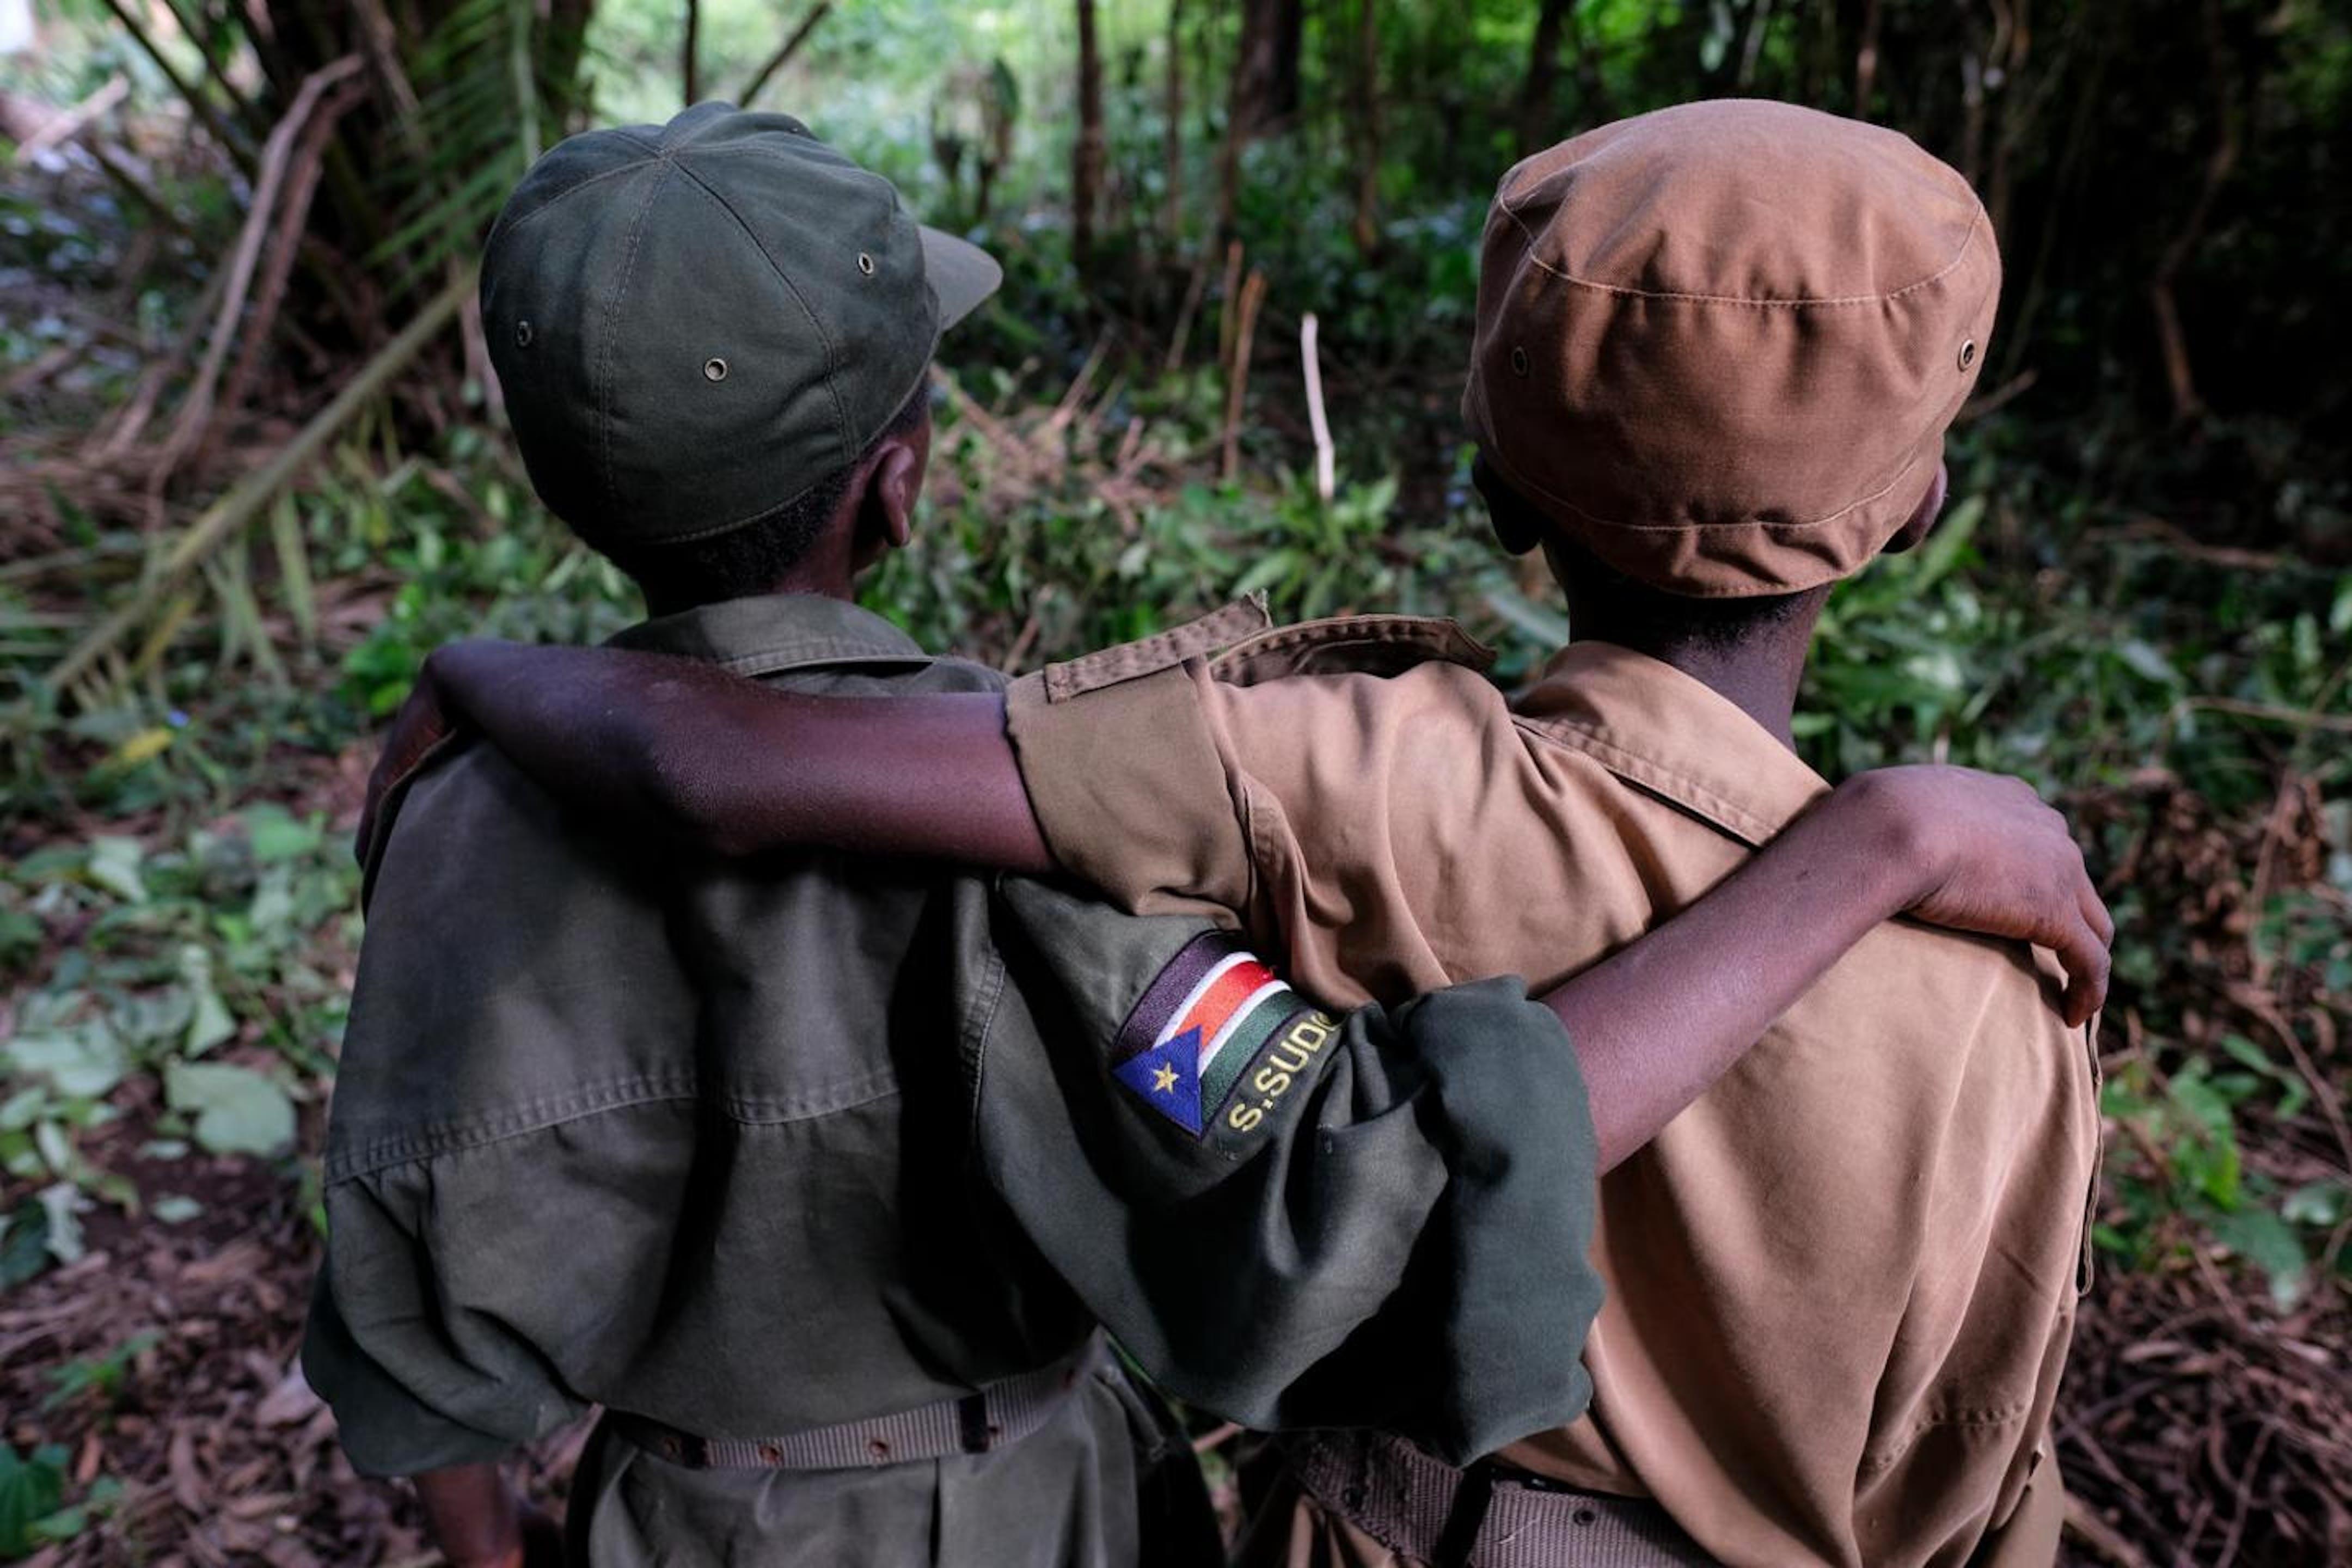 Bambini soldato @UNICEF/UN0202141/Rich